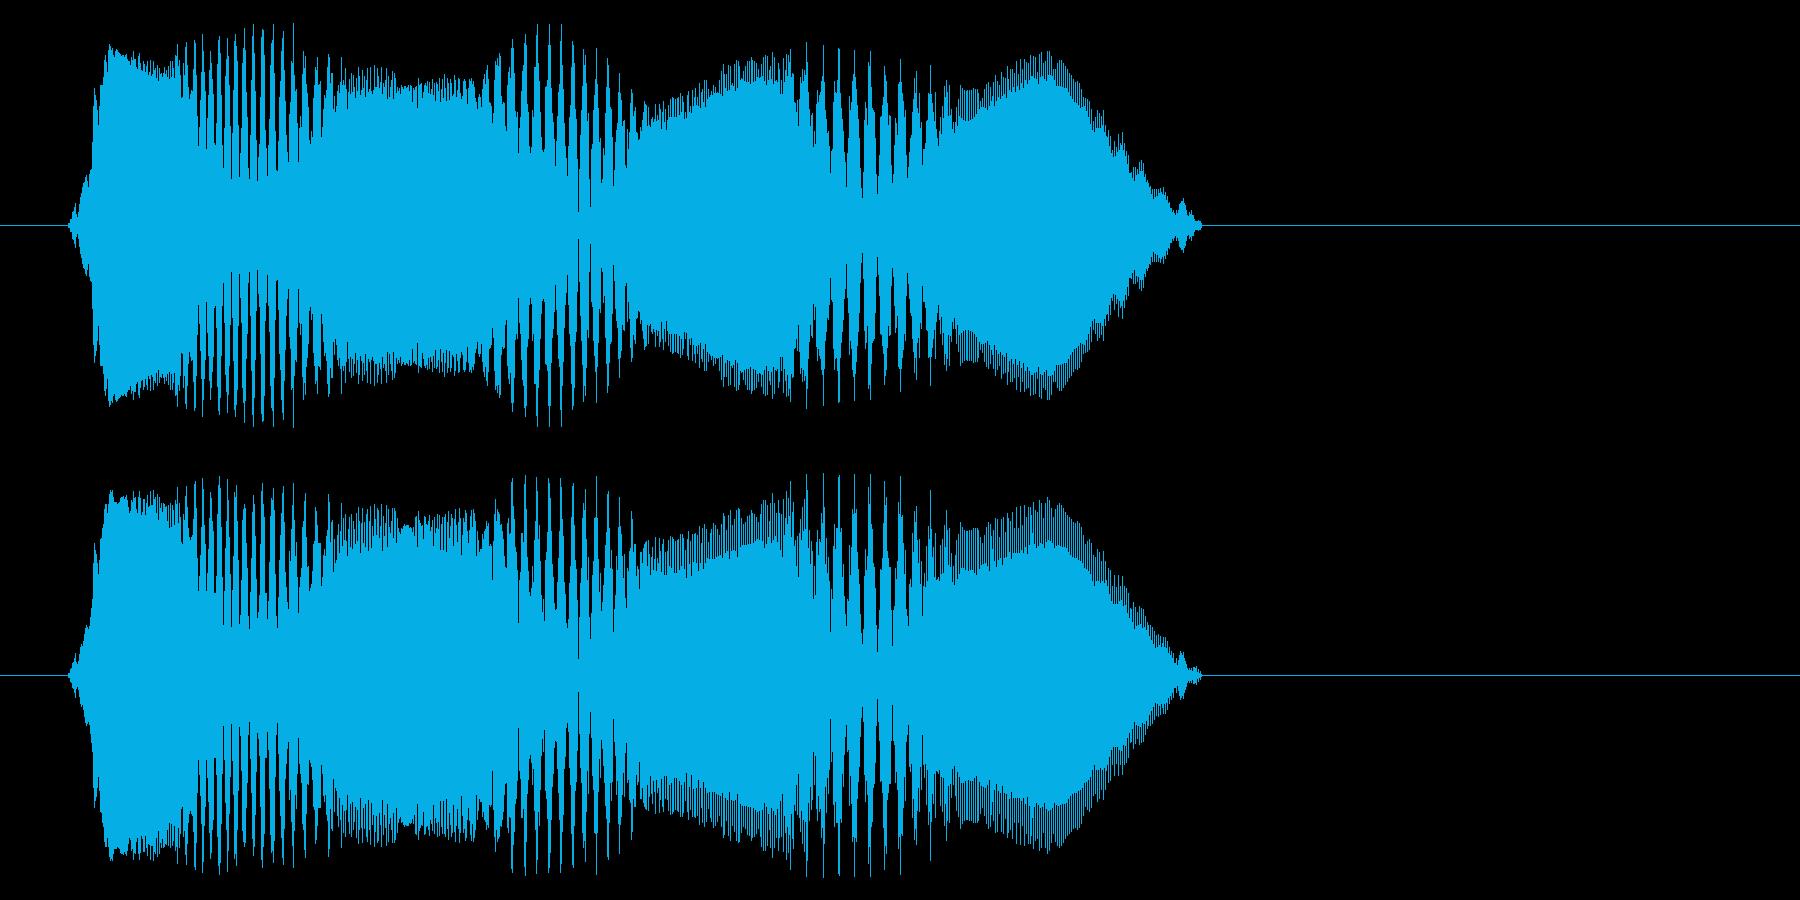 チュン(早朝に響くスズメの鳴き声)の再生済みの波形